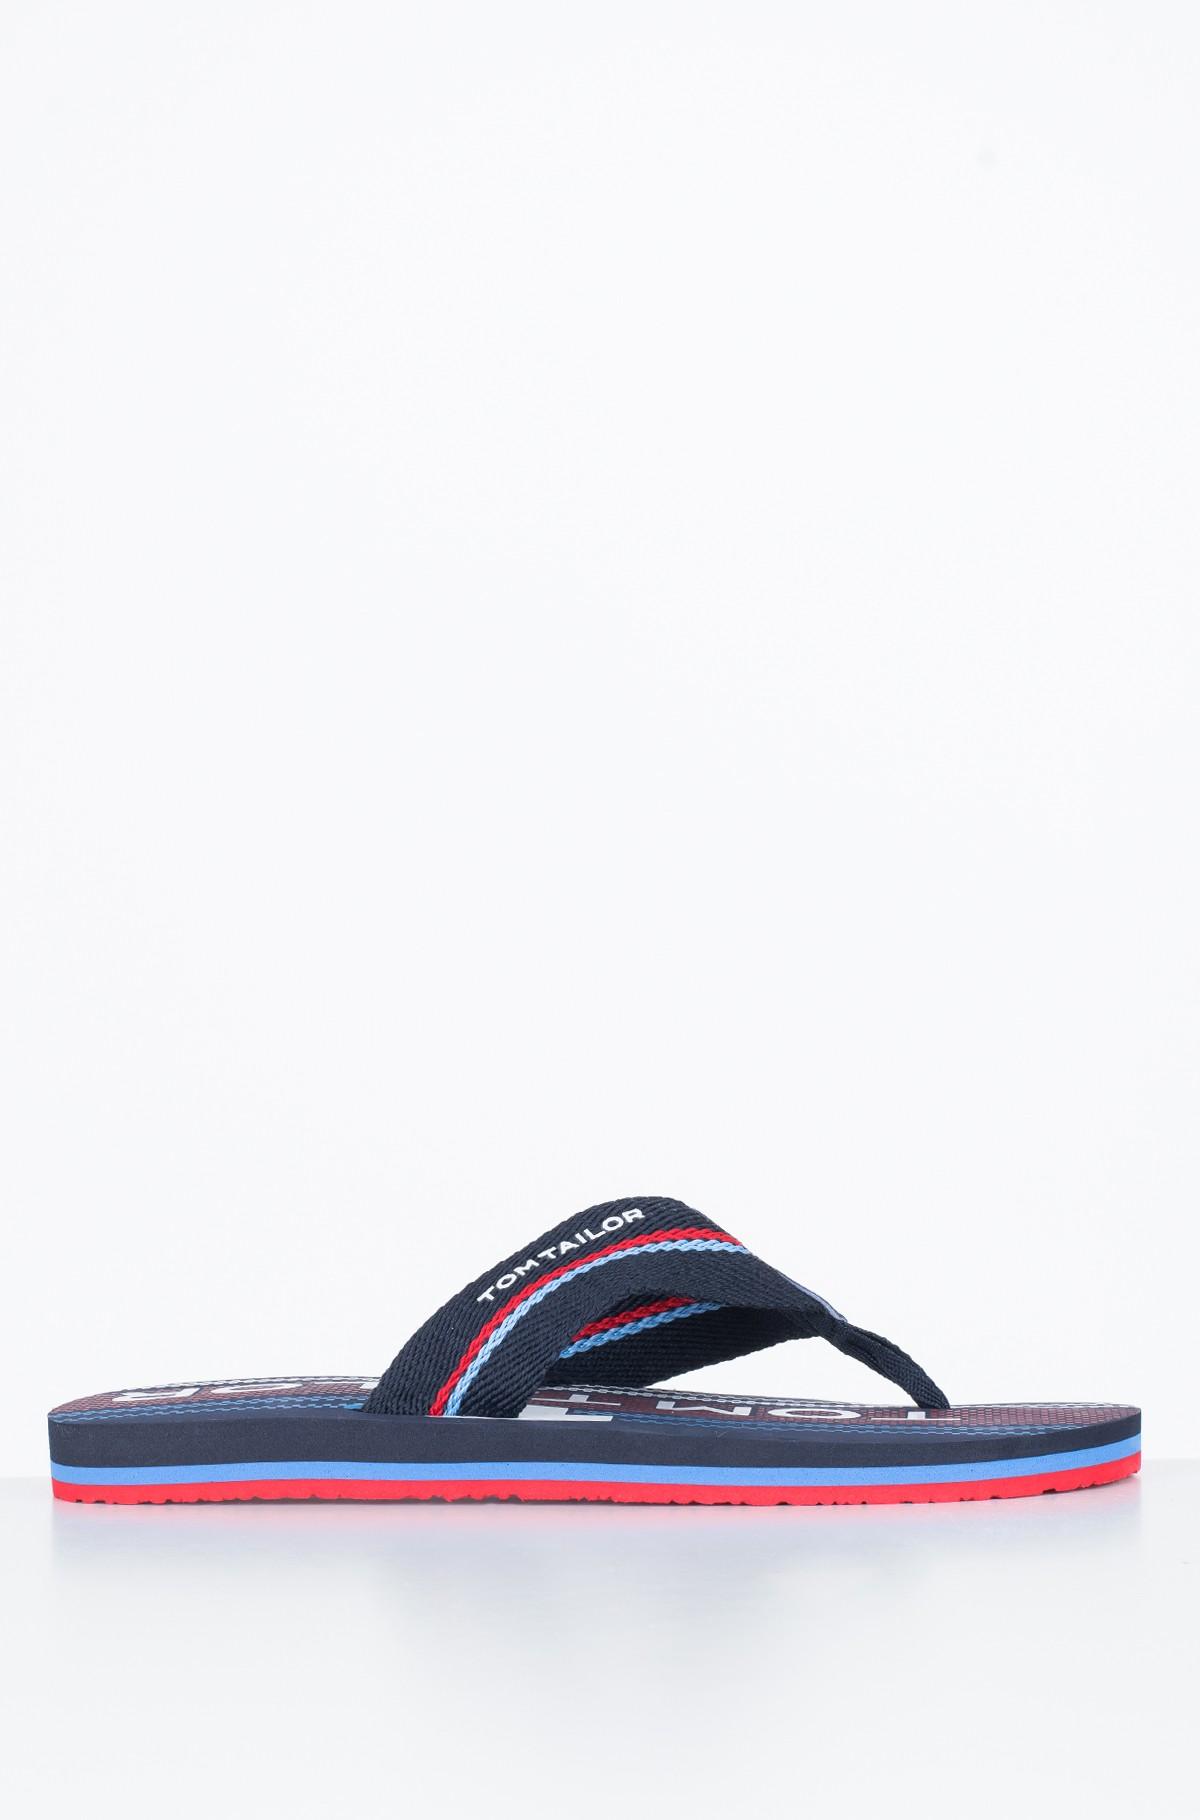 Flip-flops 6981605-full-1